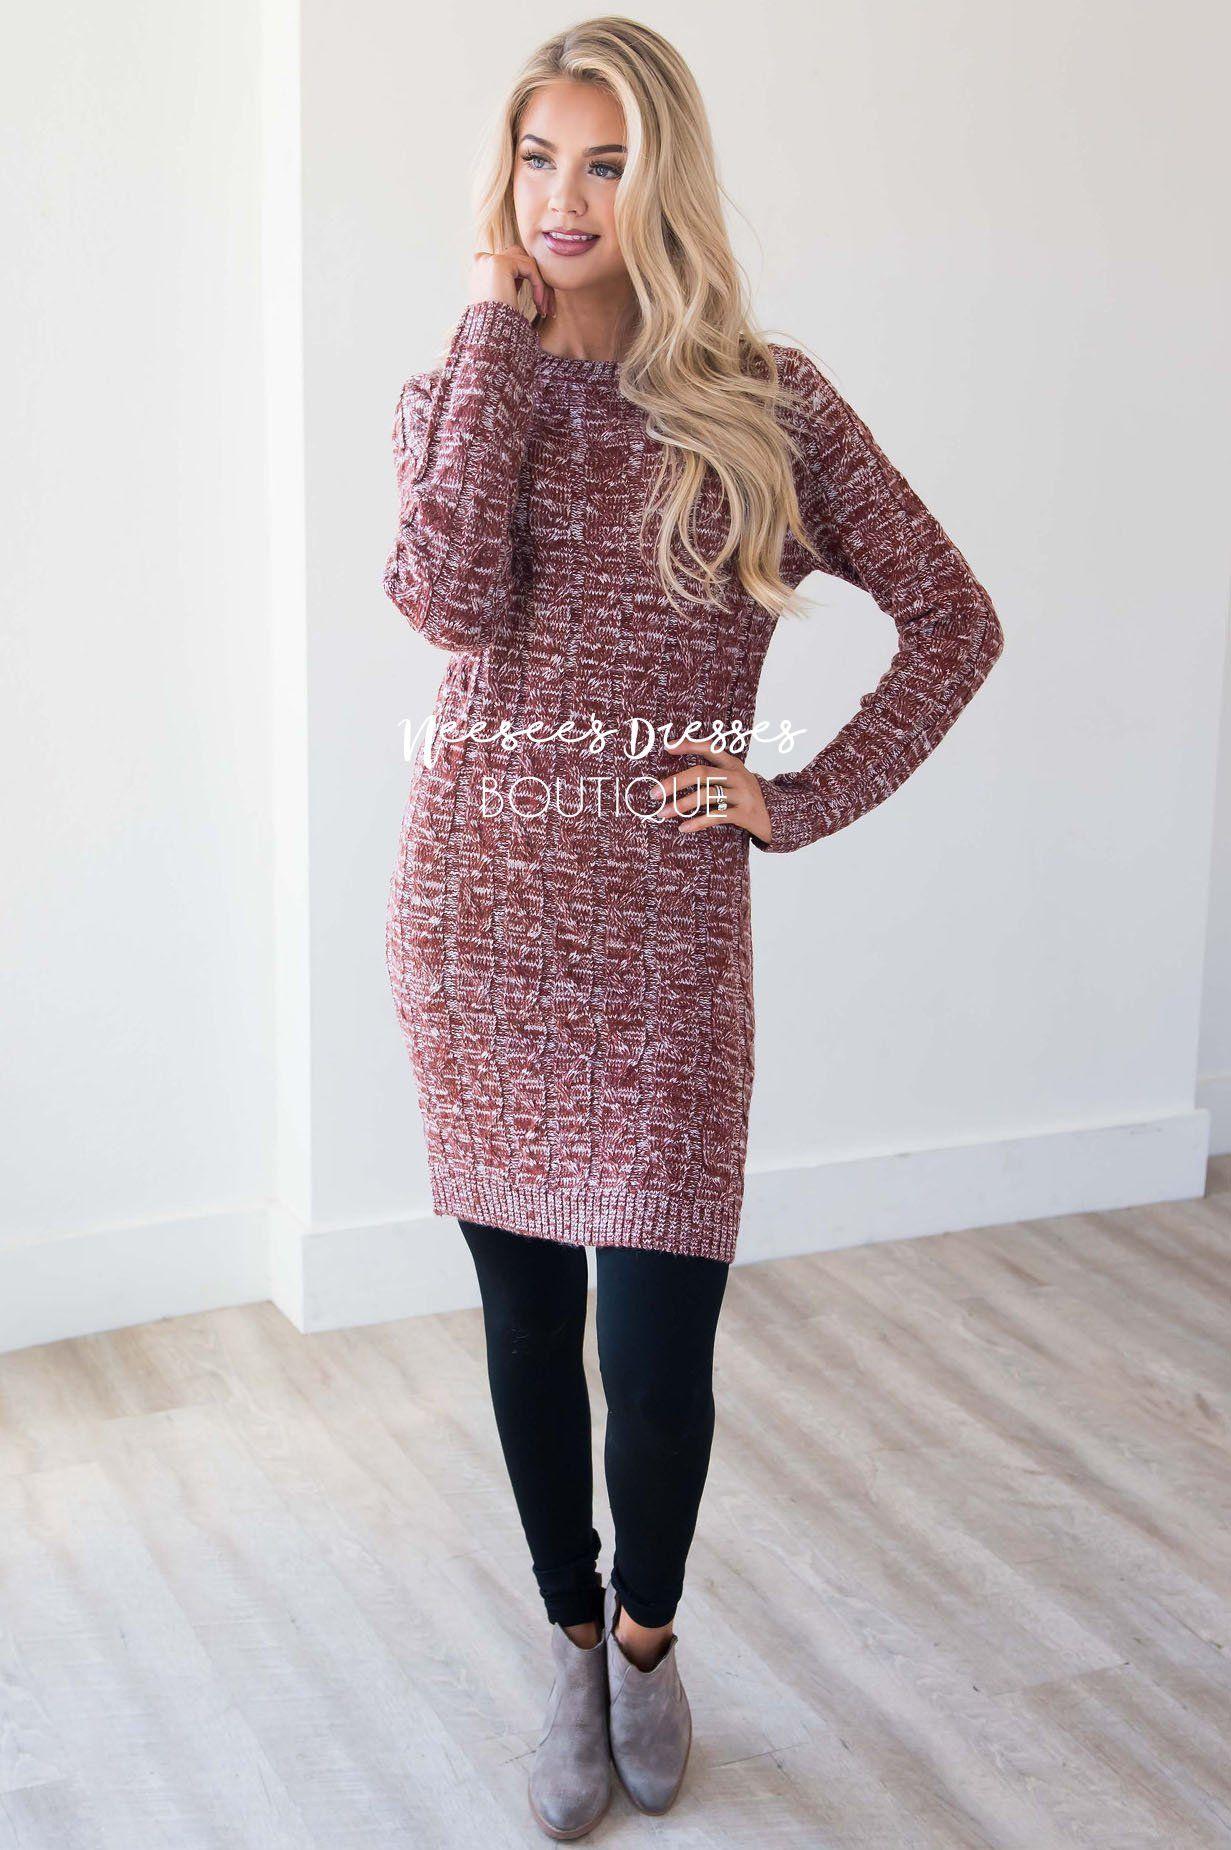 ef305368a7c Rust Long Sleeve Sweater Dress Modest Church Dress